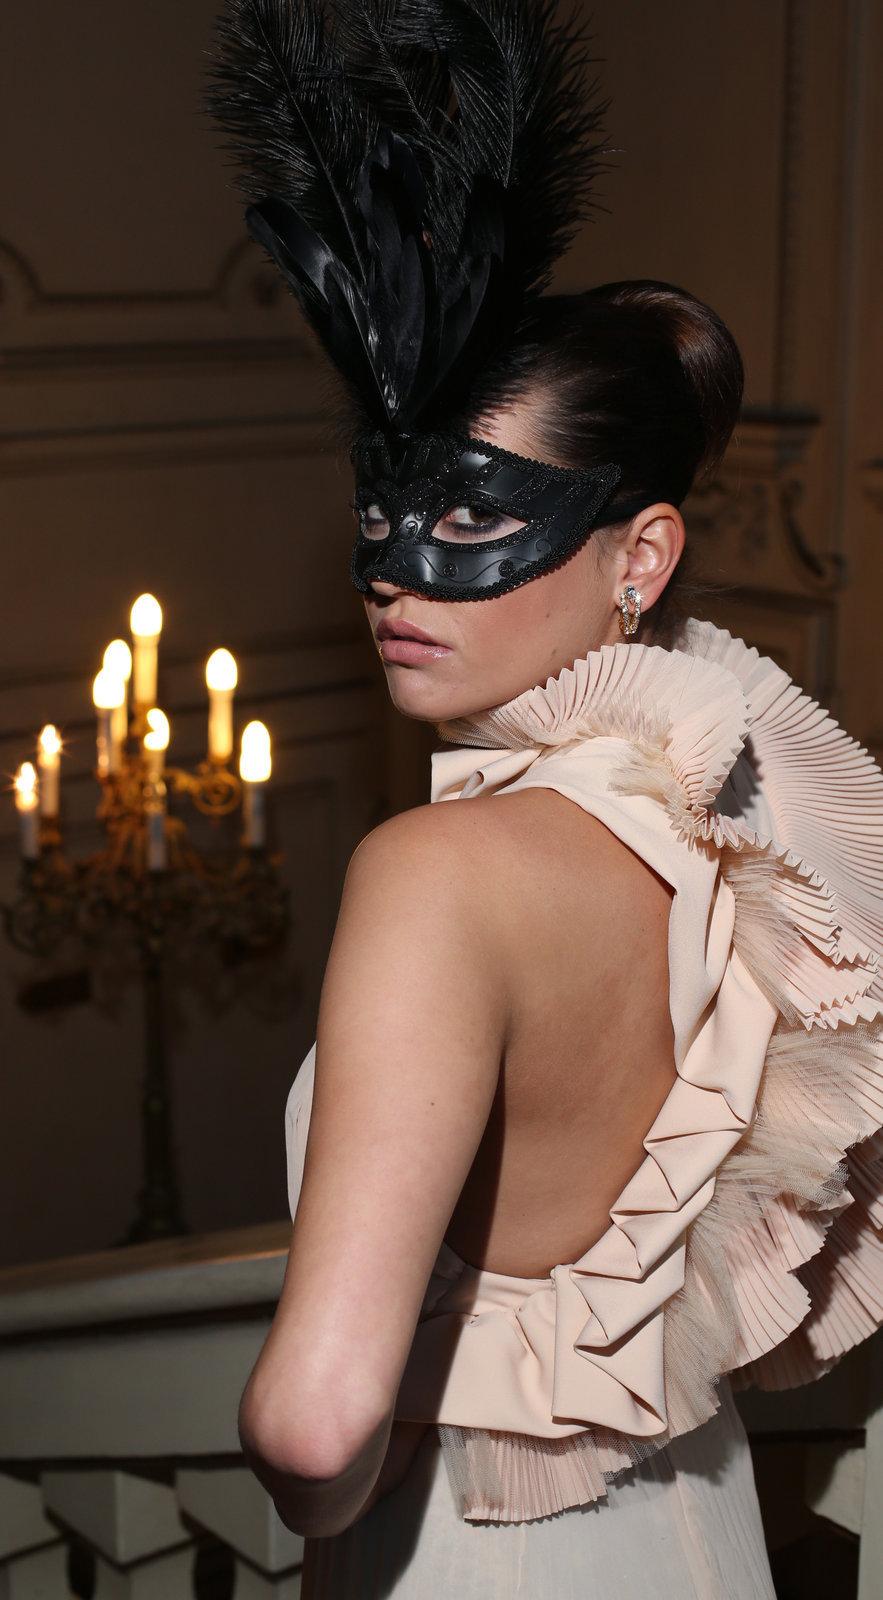 Česká modelka schovává svou tvář za maškarní škrabošku